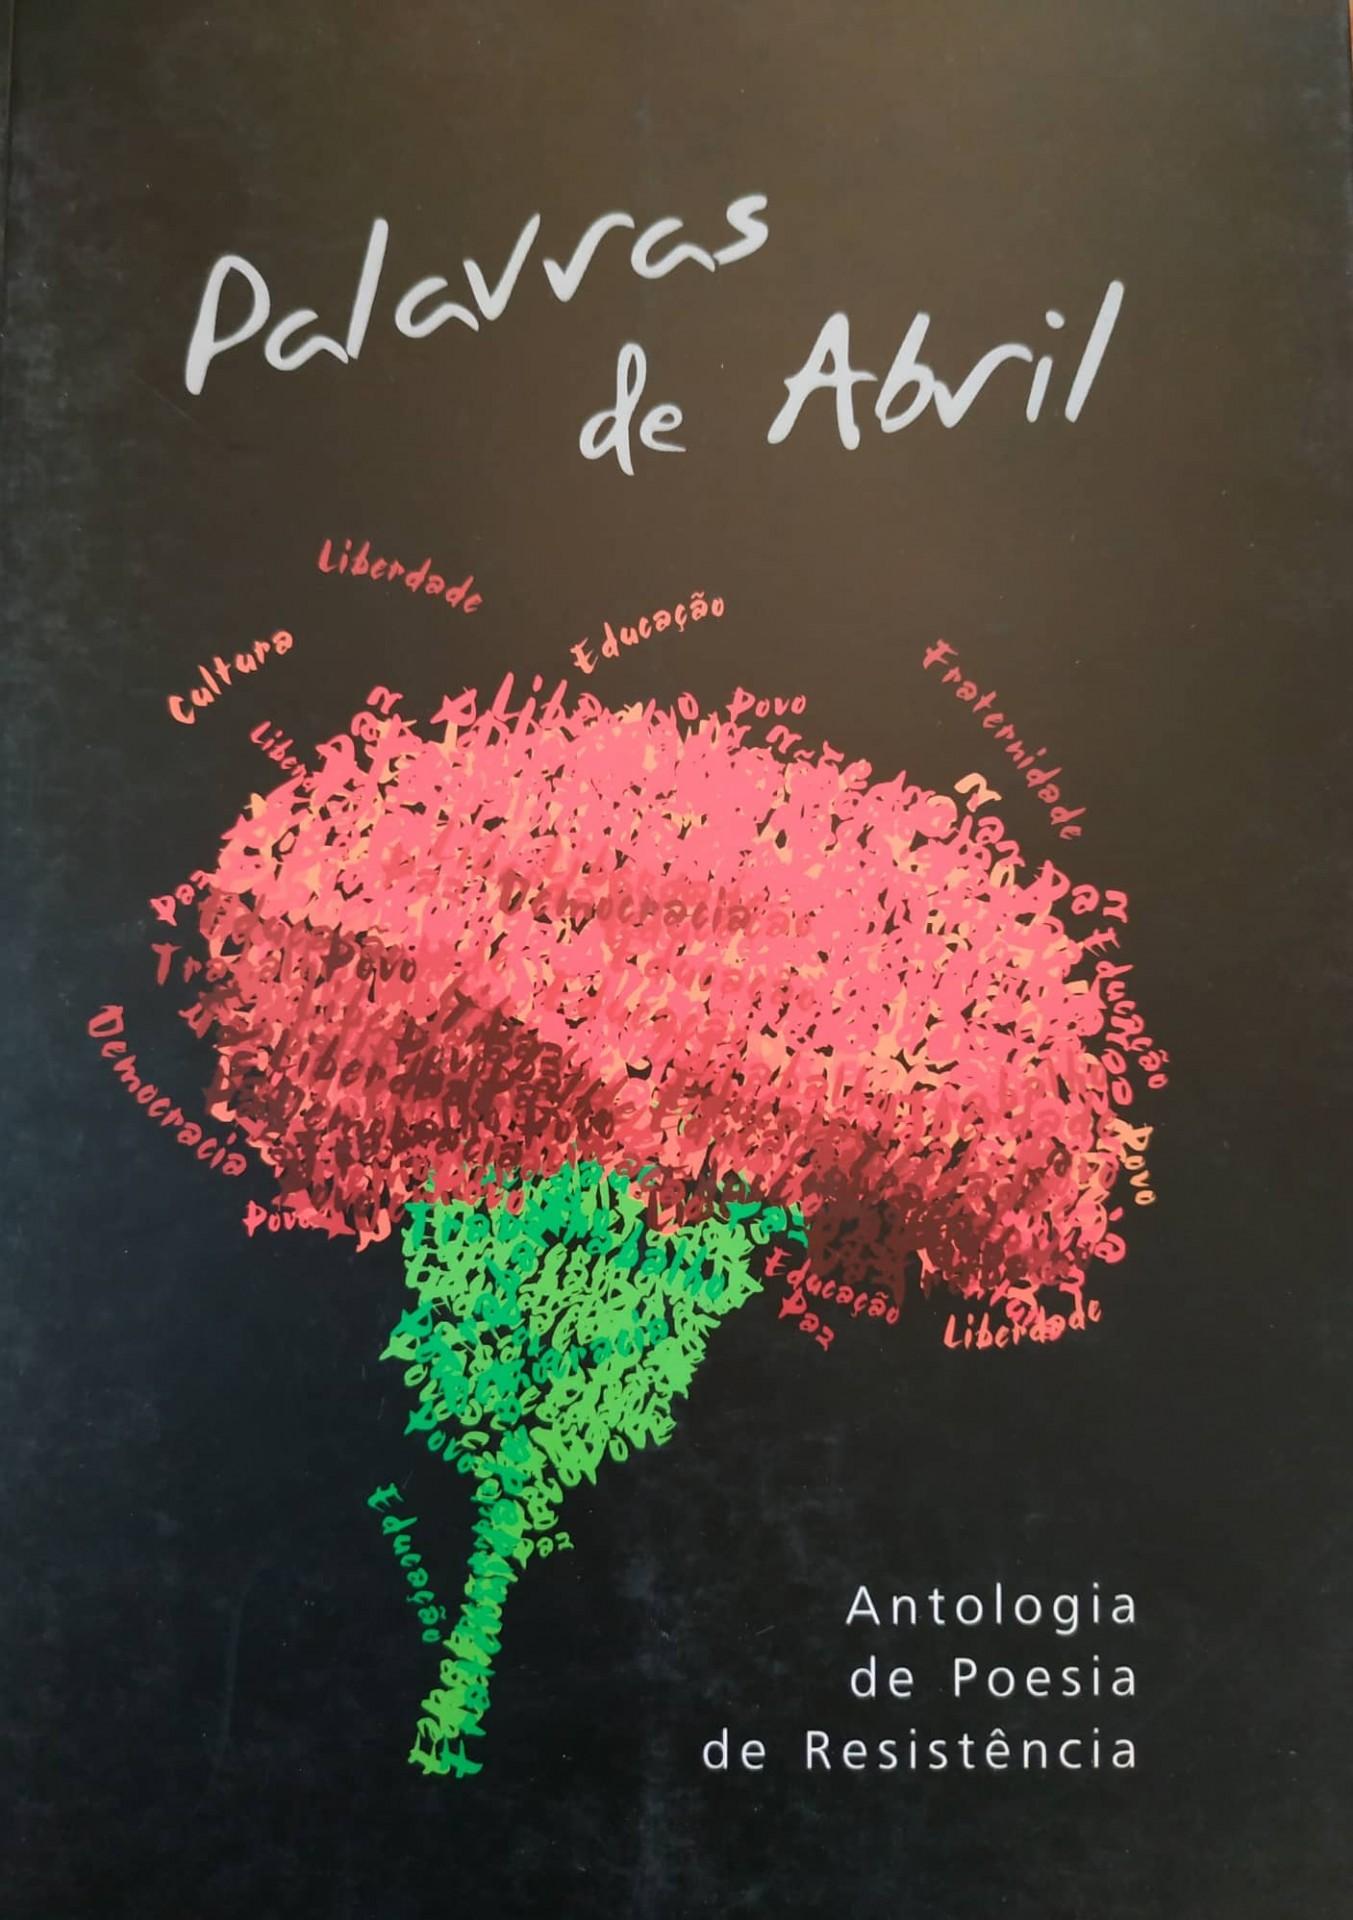 Palavras de Abril